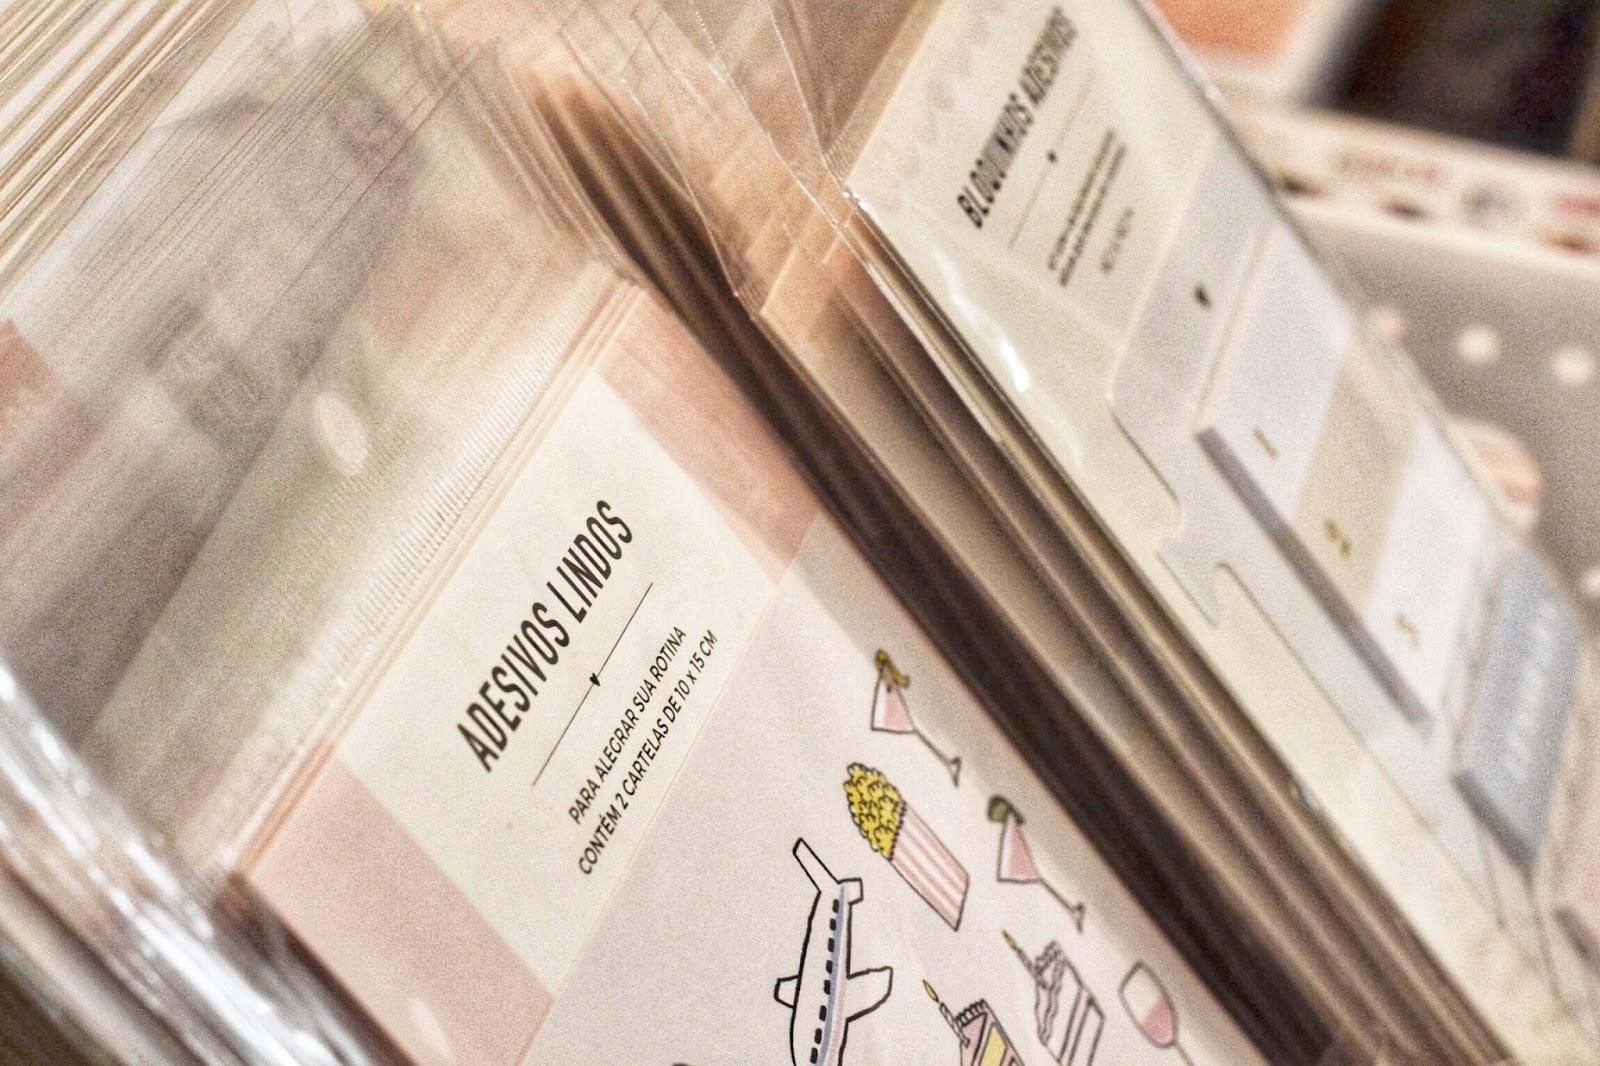 evento lançamento coleção 2018 de planners da Meg & Meg para Além do Papel, Curitiba/PR